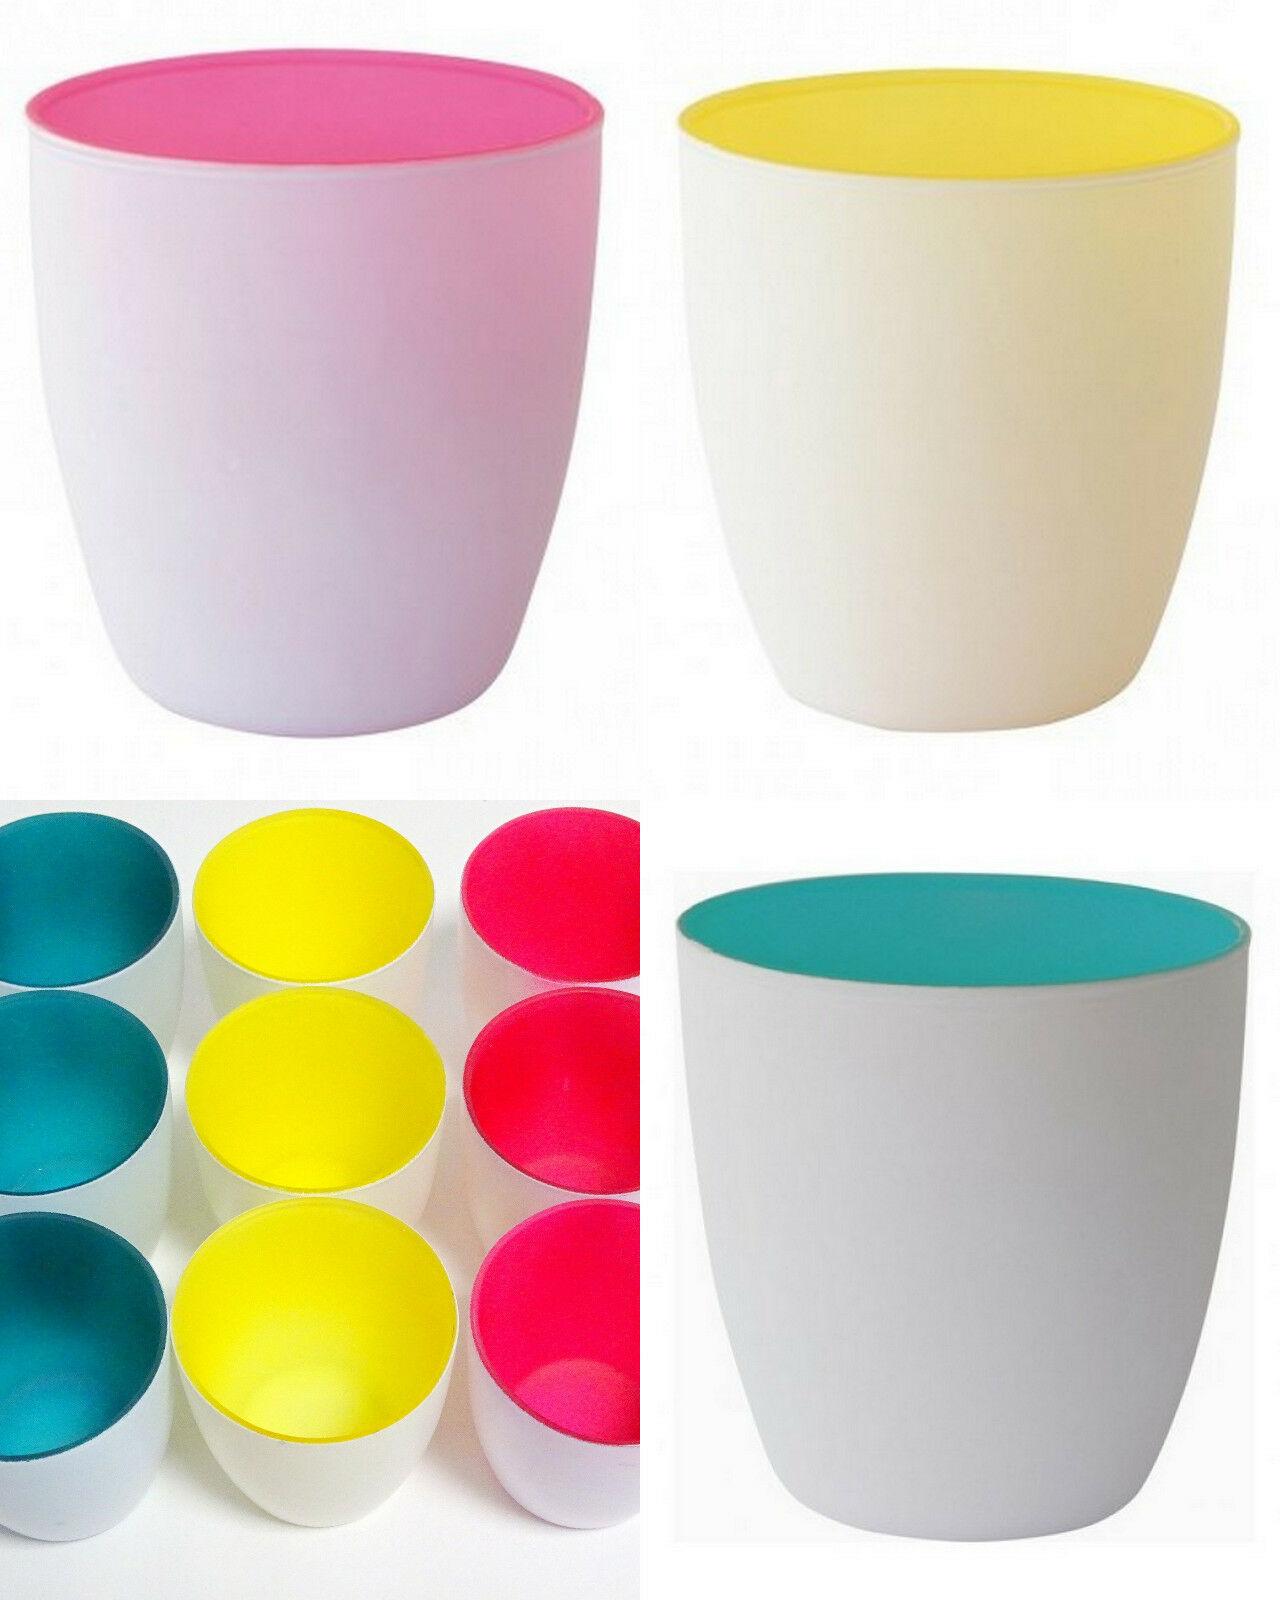 20 Kerzenhalter Teelichthalter 85x90mm Maxilichtglas Votivglas Kerzenglas B-Ware - MIX (Pink/Gelb/Türkis), 20 Stück